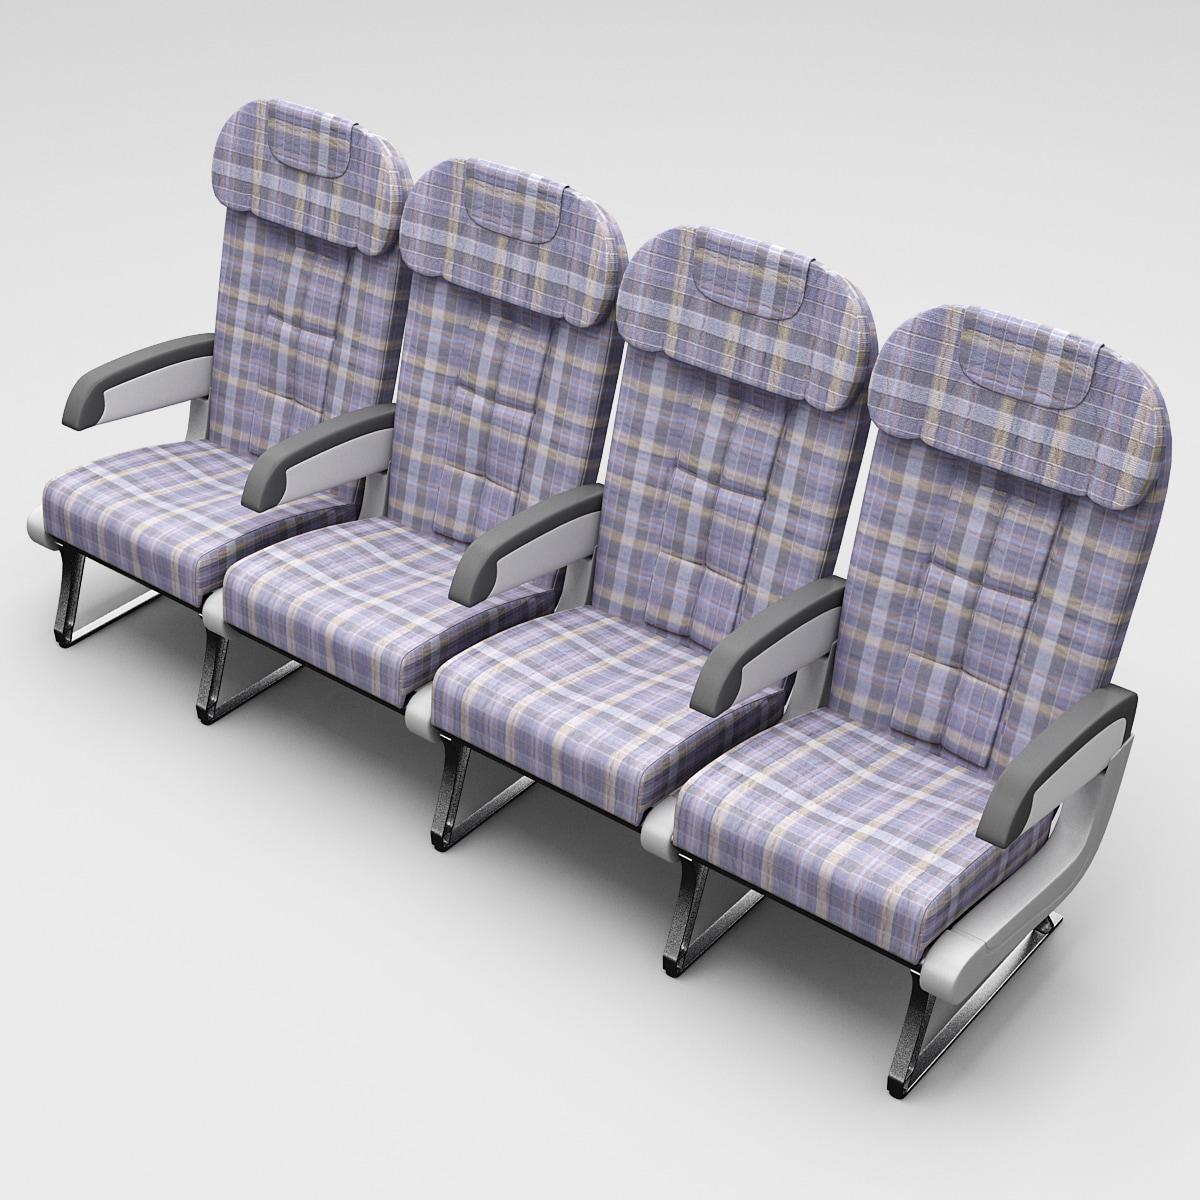 aircraft passenger seats 2 3d model